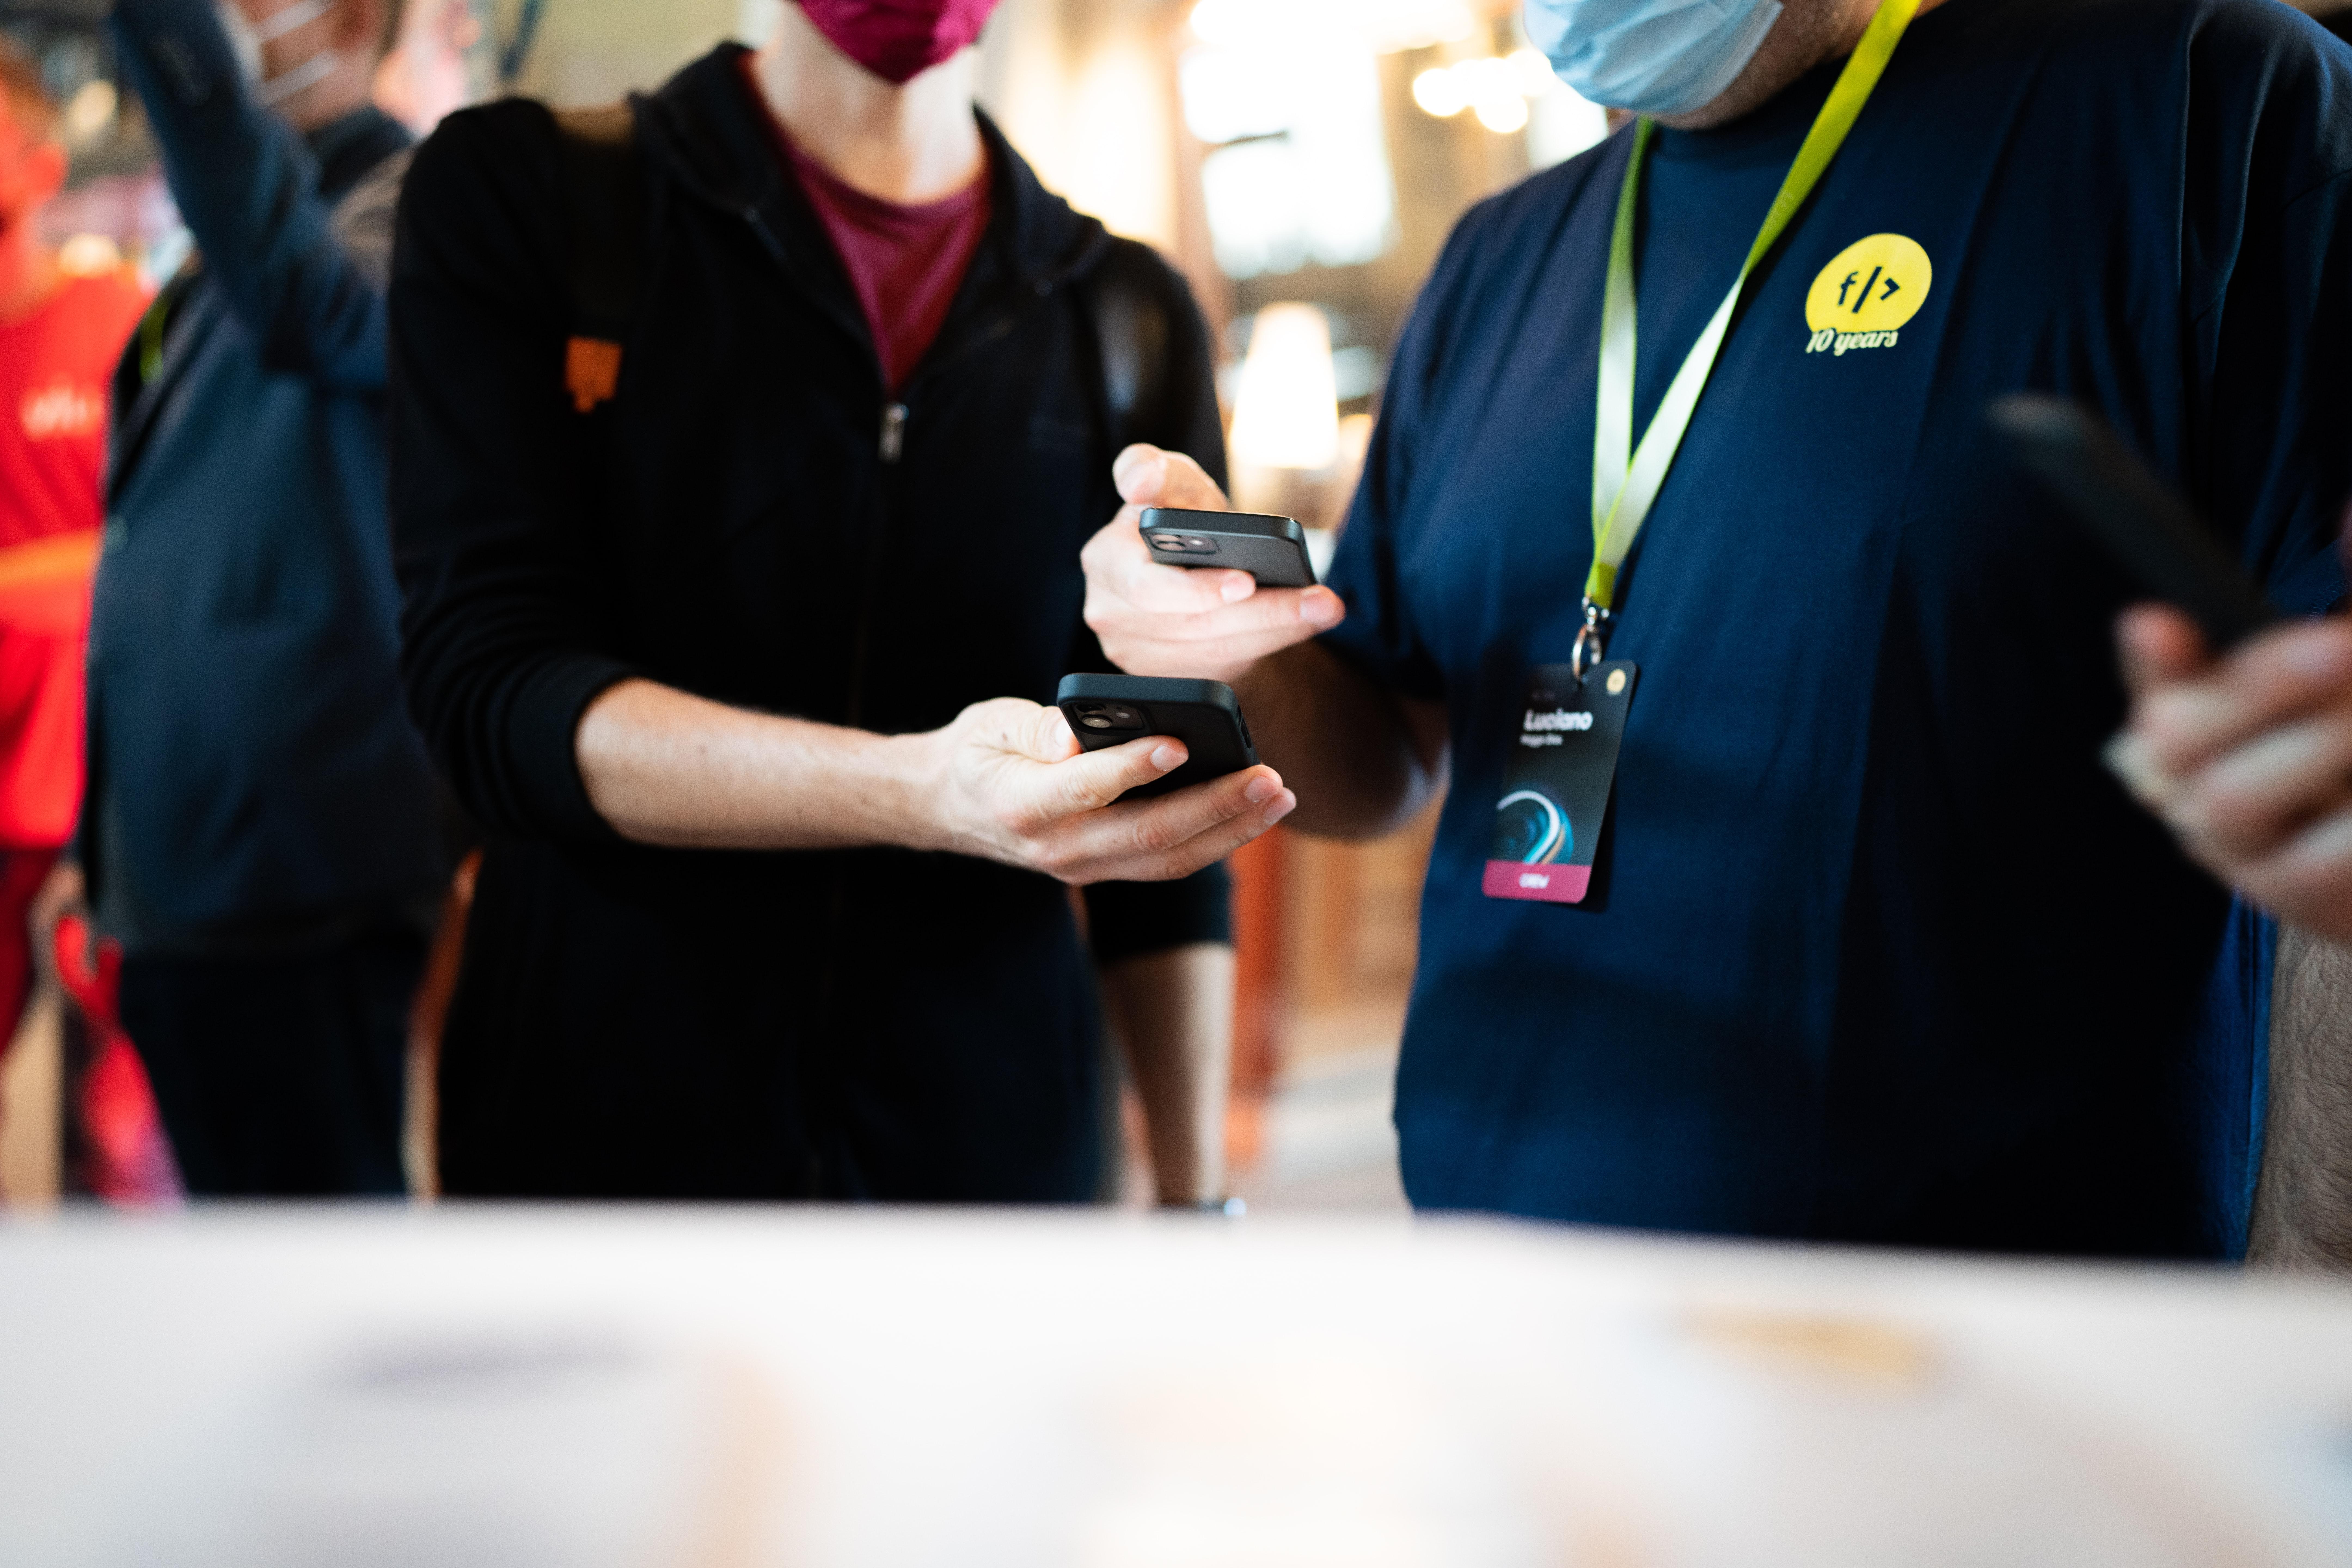 Entrée en vigueur du Covid Safe Ticket (CST) en Région bruxelloise: précisions